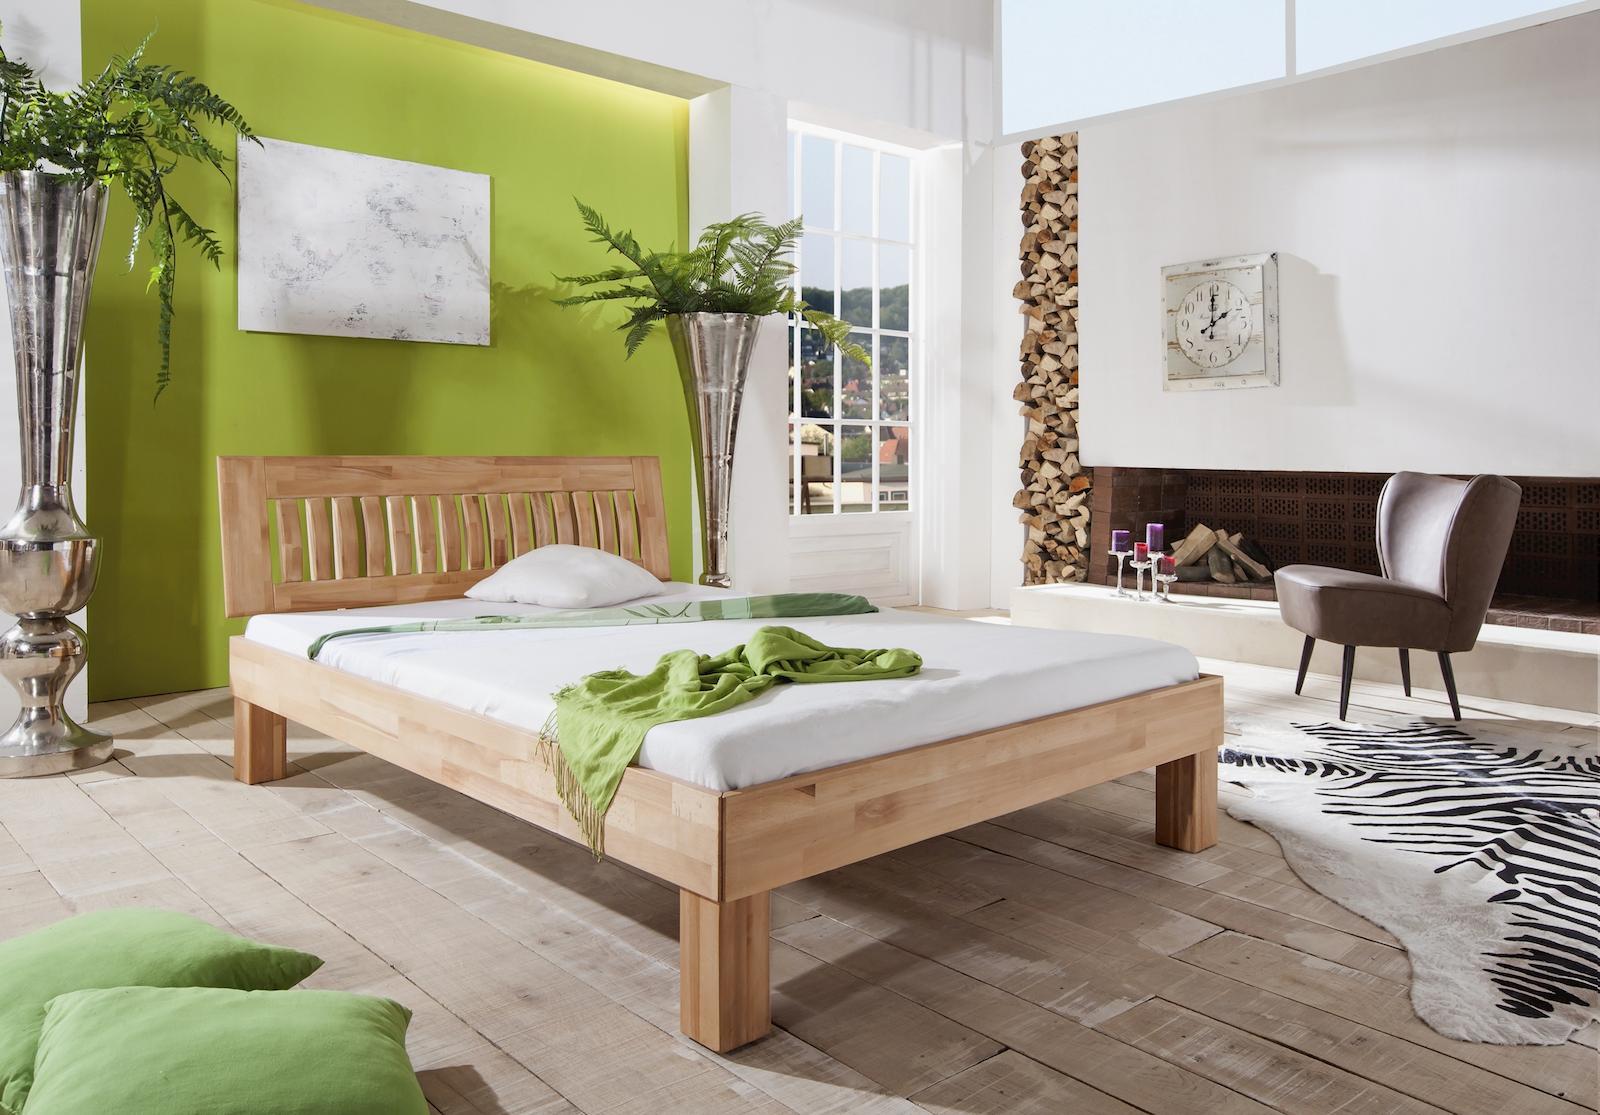 futonbett fati bett einzelbett 180 x 200 cm schlafzimmer buche ge lt schlafen betten. Black Bedroom Furniture Sets. Home Design Ideas